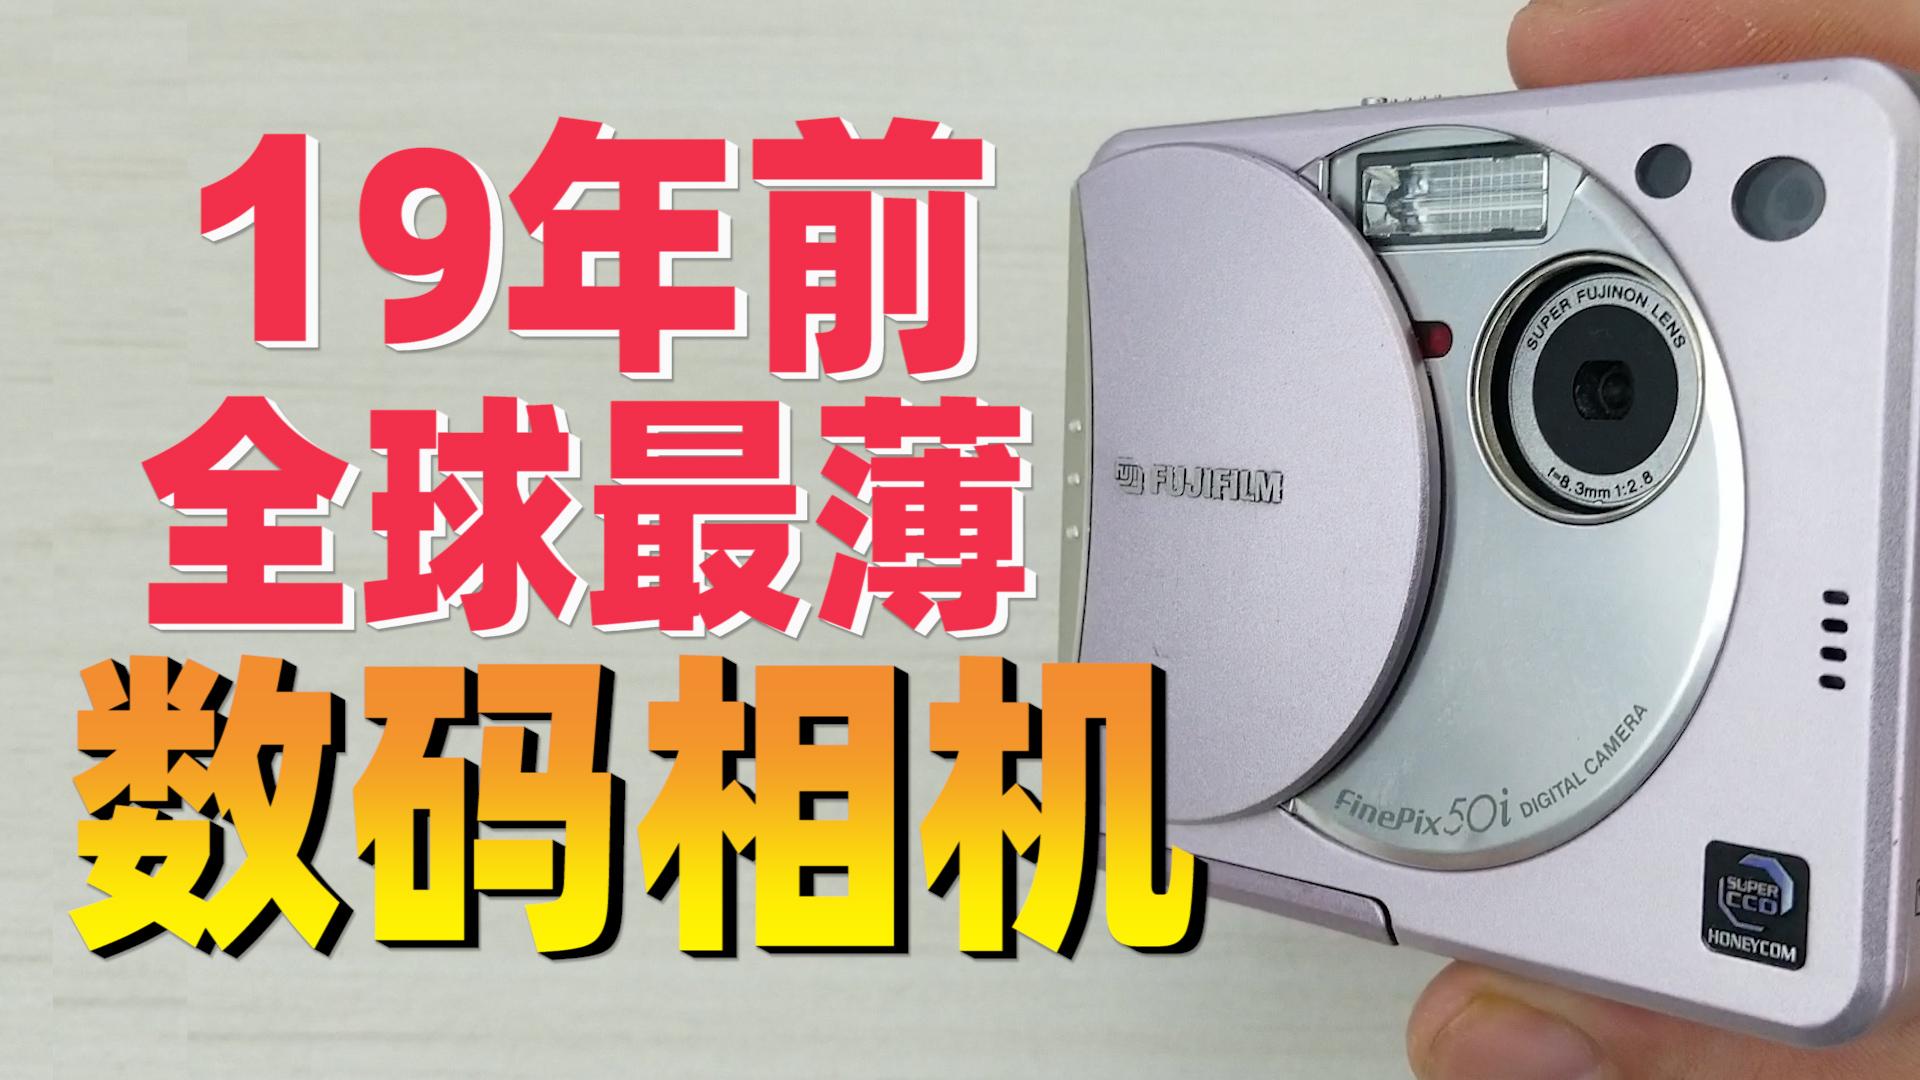 拆解19年前的富士数码相机,领略一下当时的全球最薄是什么概念